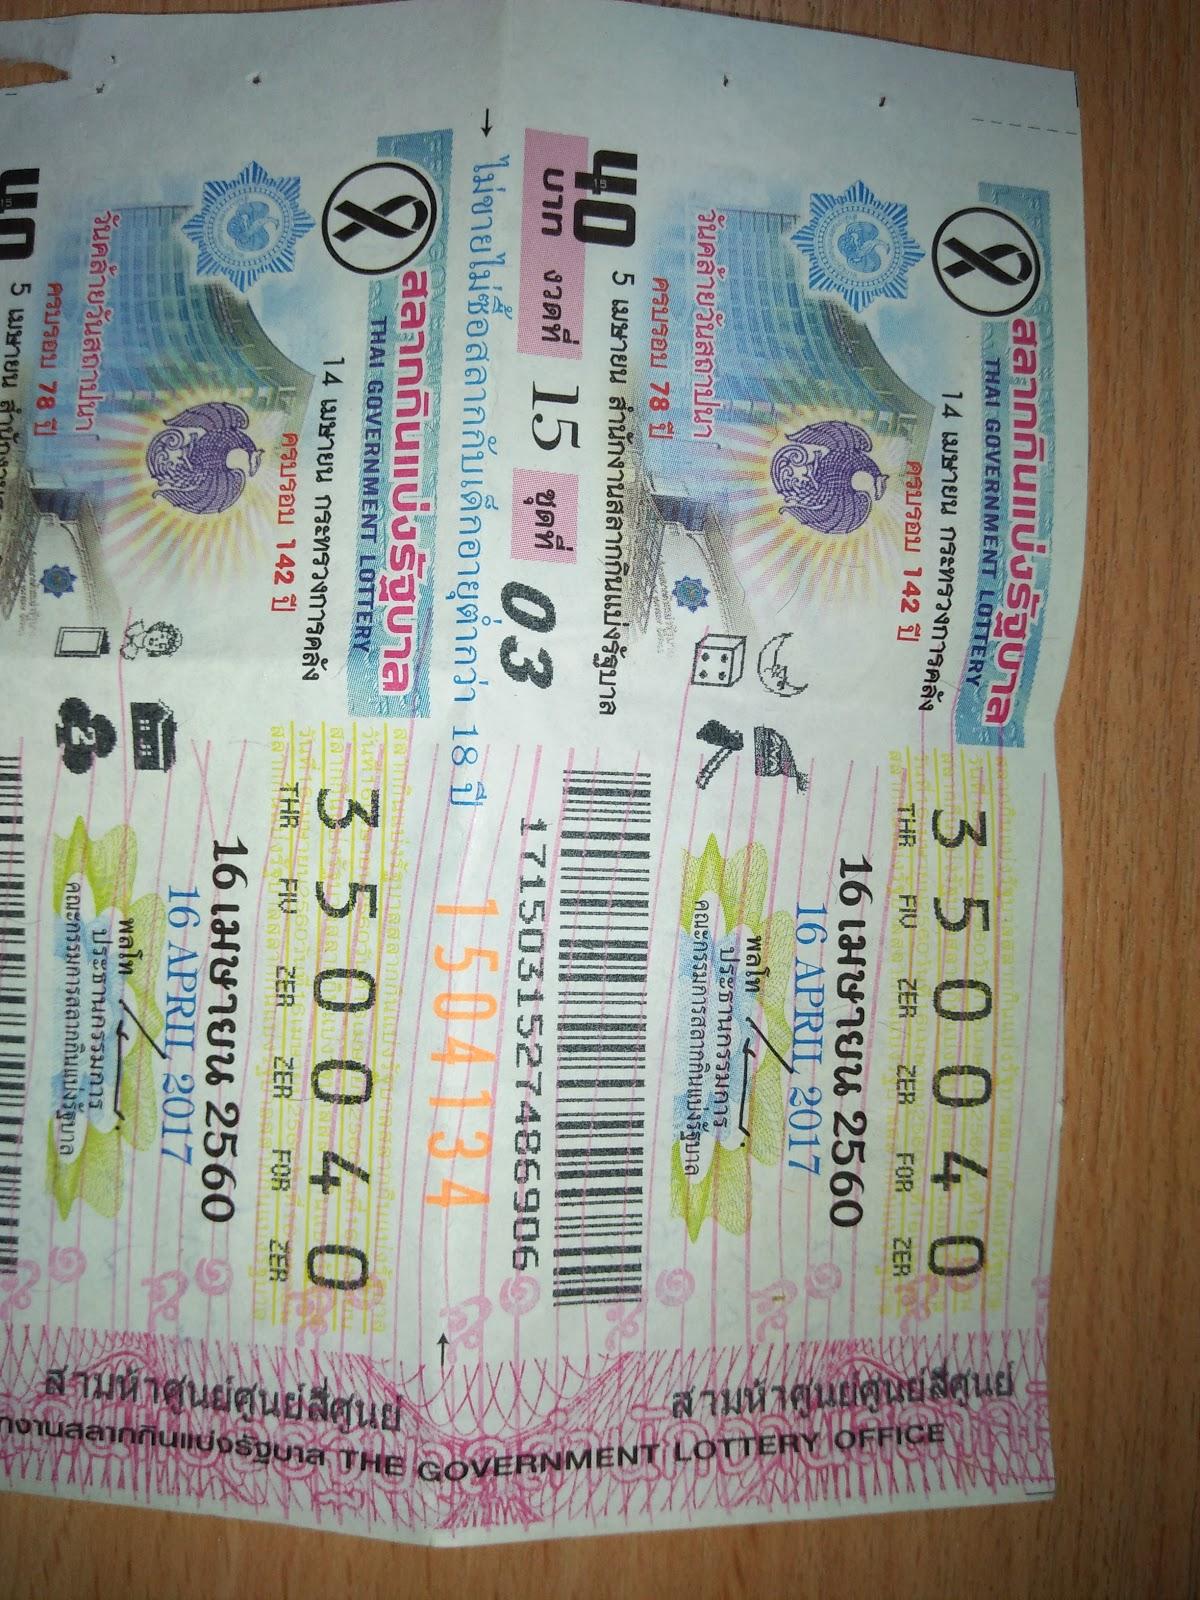 ฉันถูกรางวัลเลขท้าย 3 ตัว( Won On The Last Three Numbers In A Lottery) เรียนภาษาอังกฤษ Learn English writing and speaking, แปล ภาษาไทยเป็นภาษาอังกฤษ, แปลภาษาอังกฤษเป็นไทย